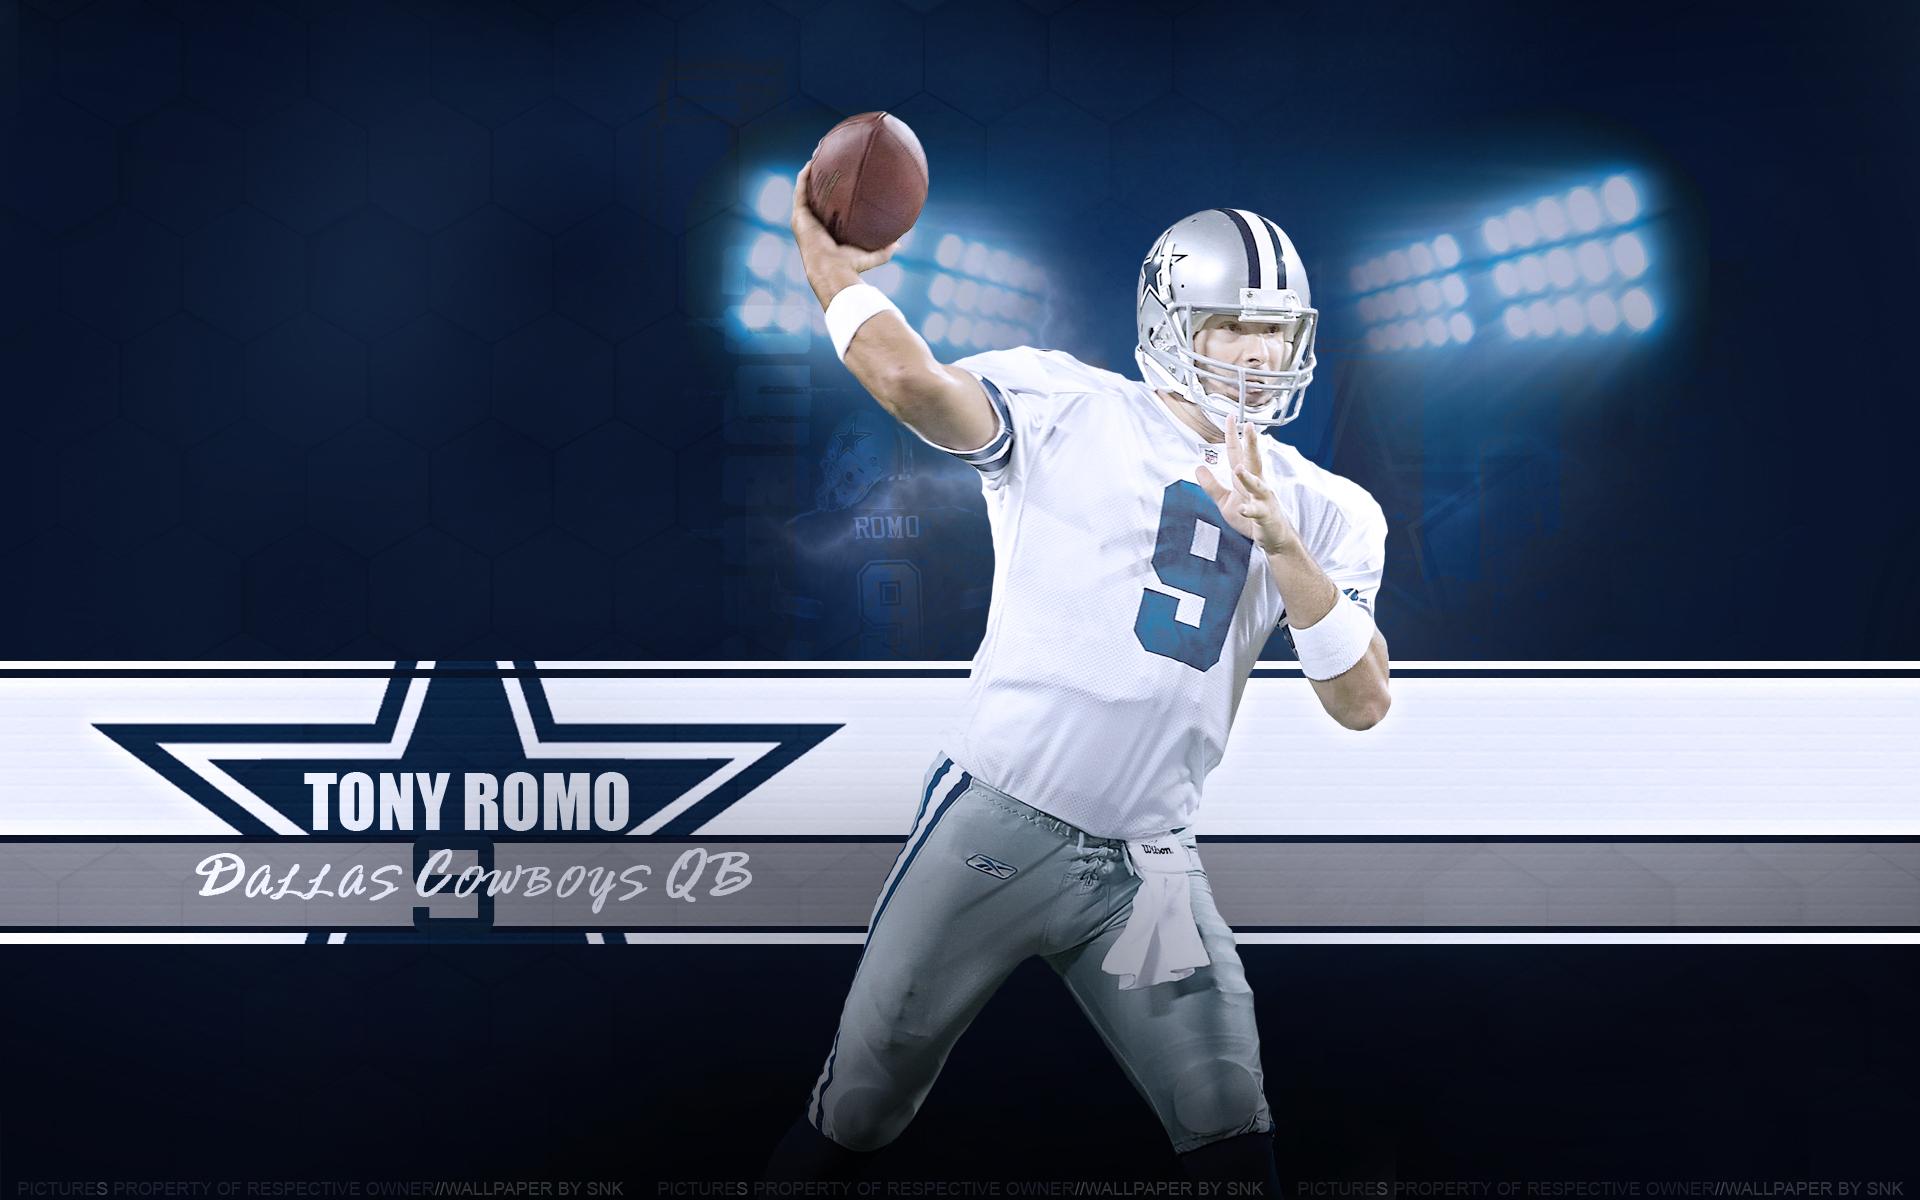 Tony Romo Wallpaper